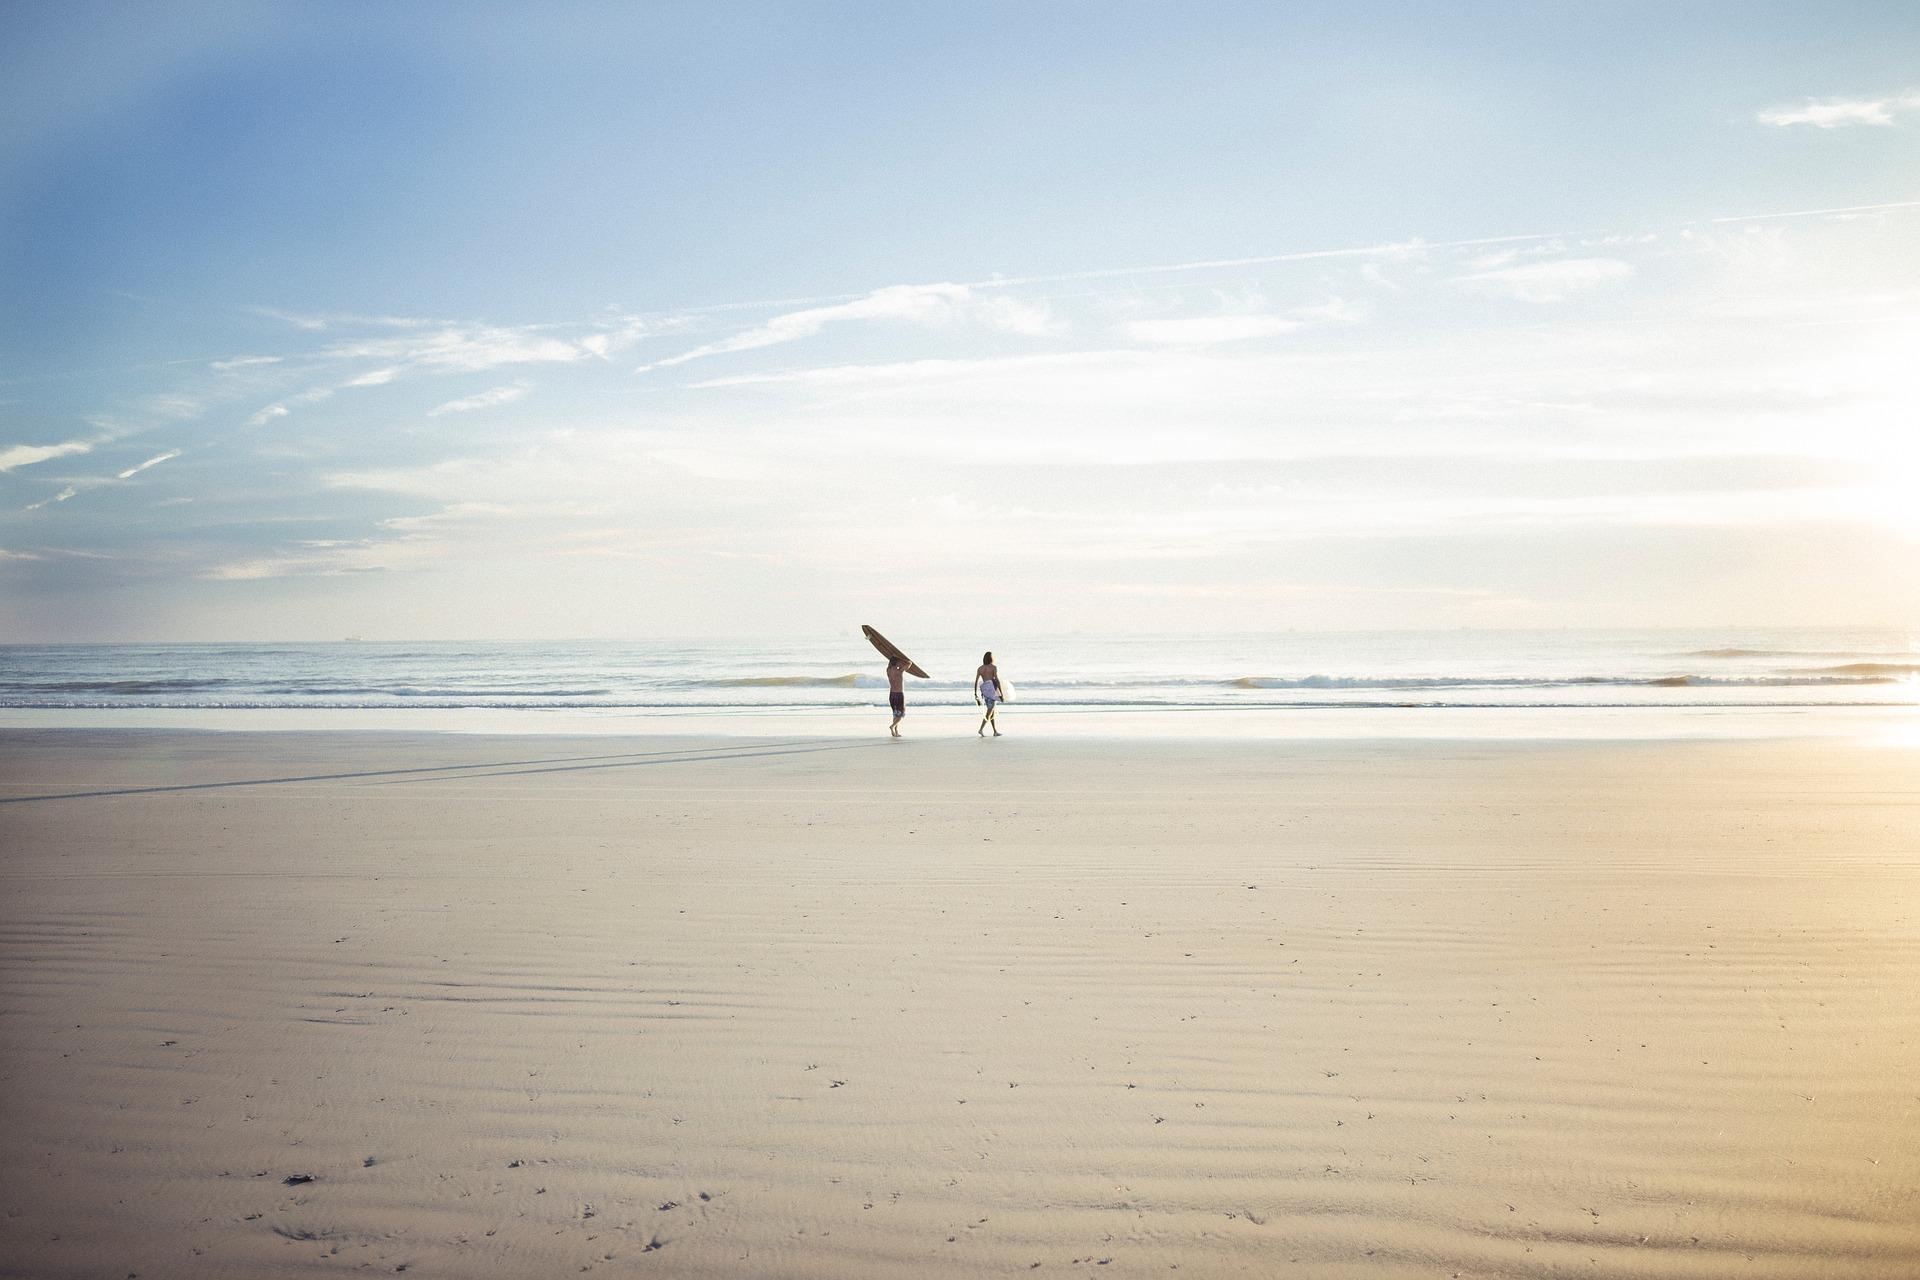 Je kunt de golven niet veranderen, maar je kunt wel leren surfen.